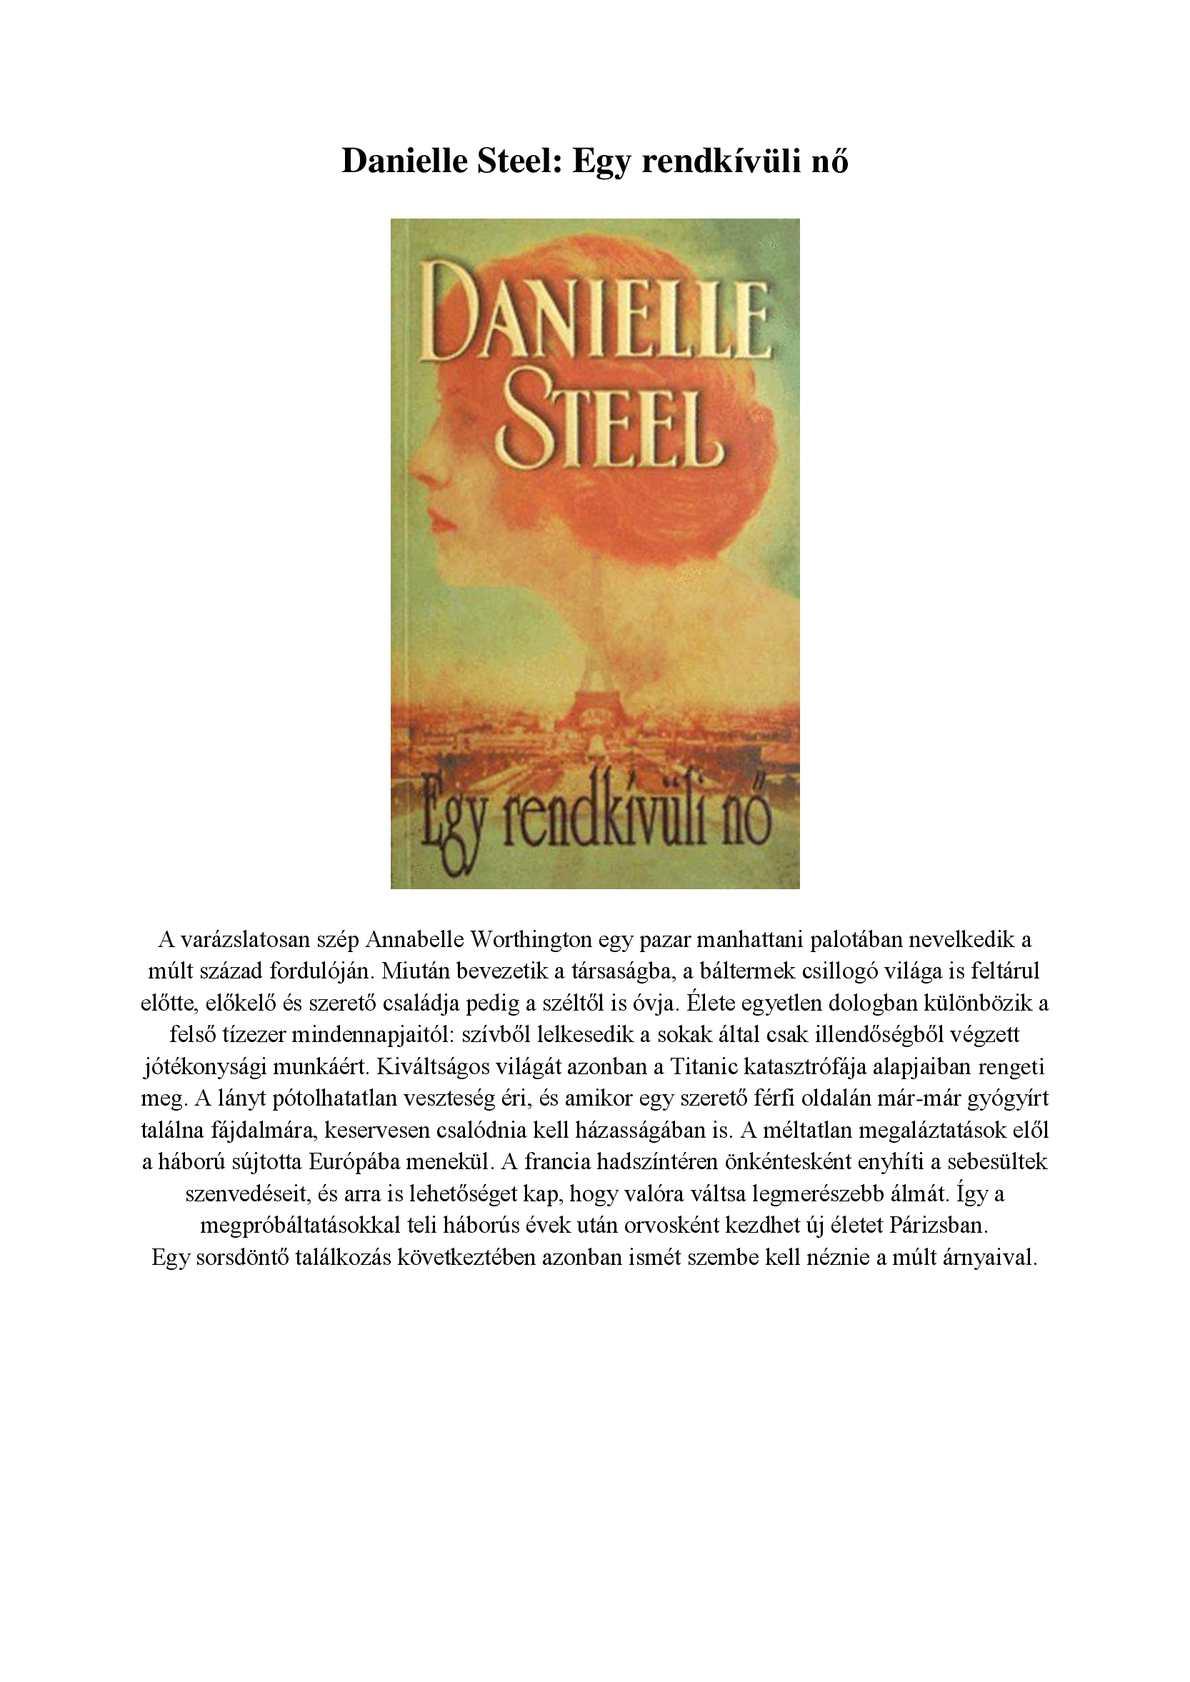 Danielle Steel Egy rendkívüli nő